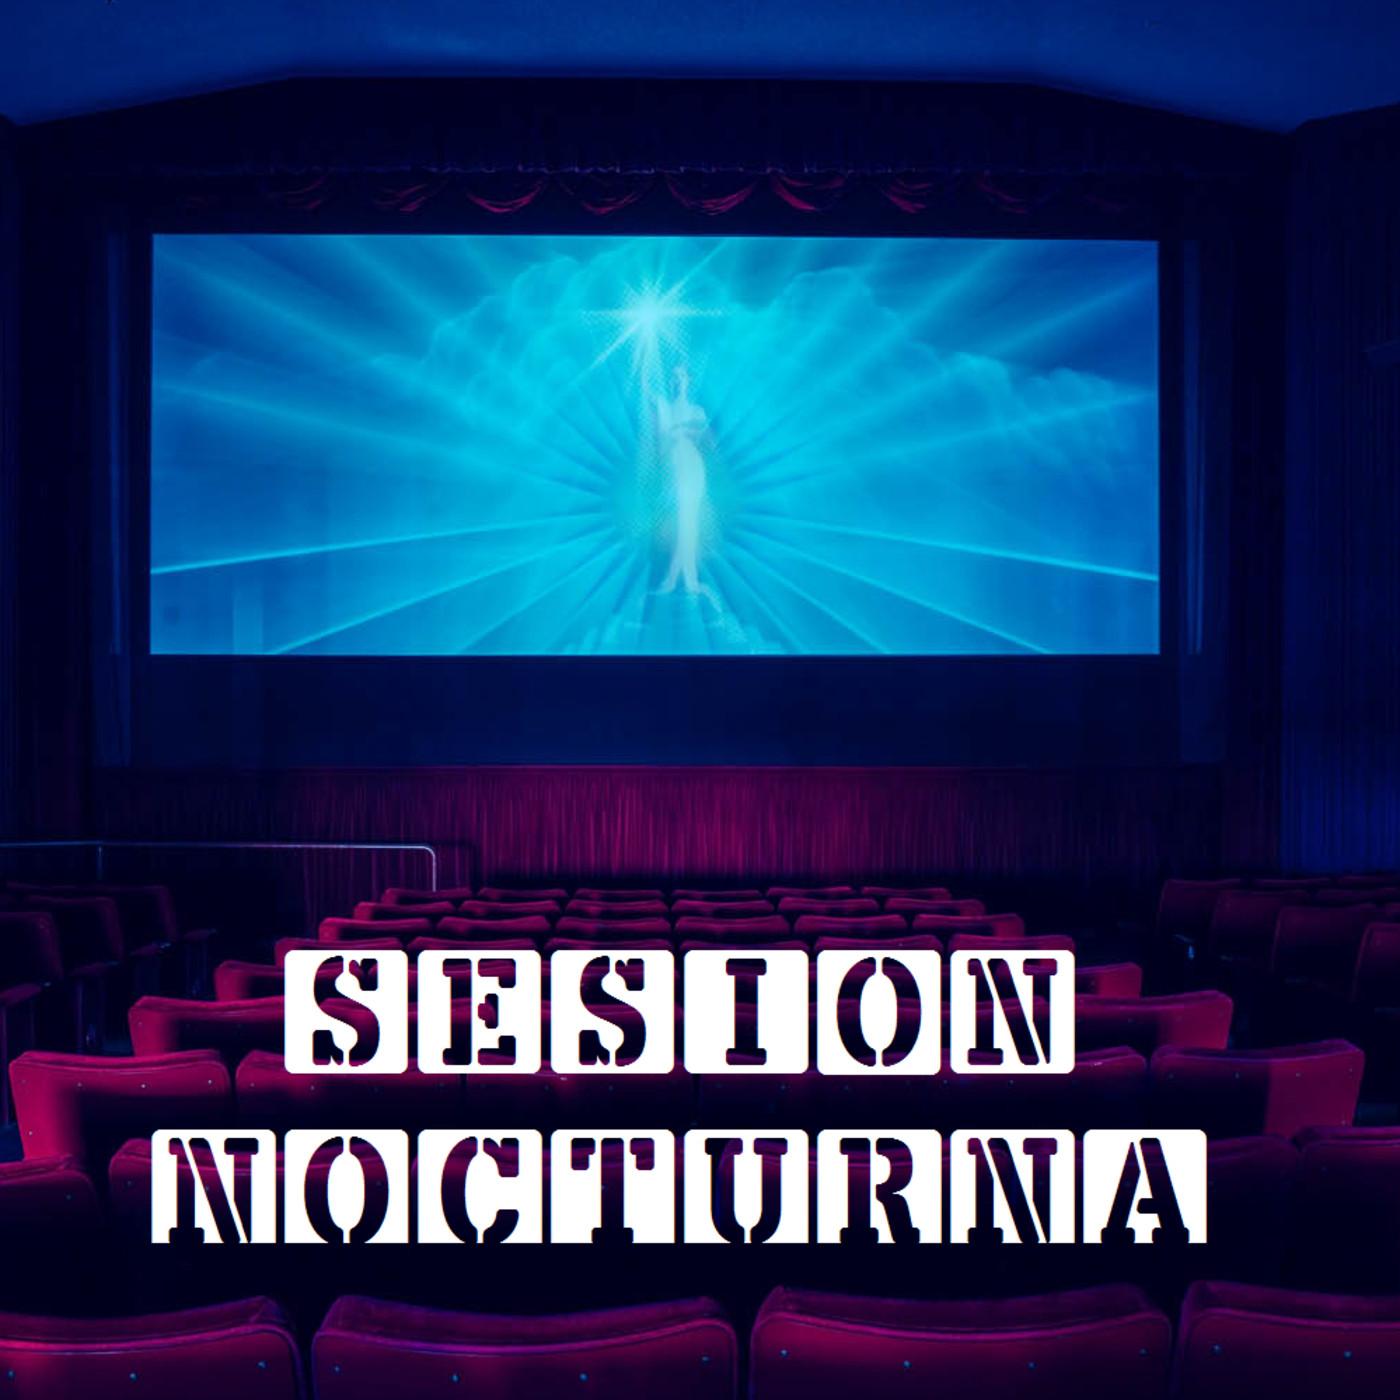 Sesion Nocturna 21 - Entrevista Hot Zombies, qué nos depara el cine de terror del 2015 y cine de emociones virtuales